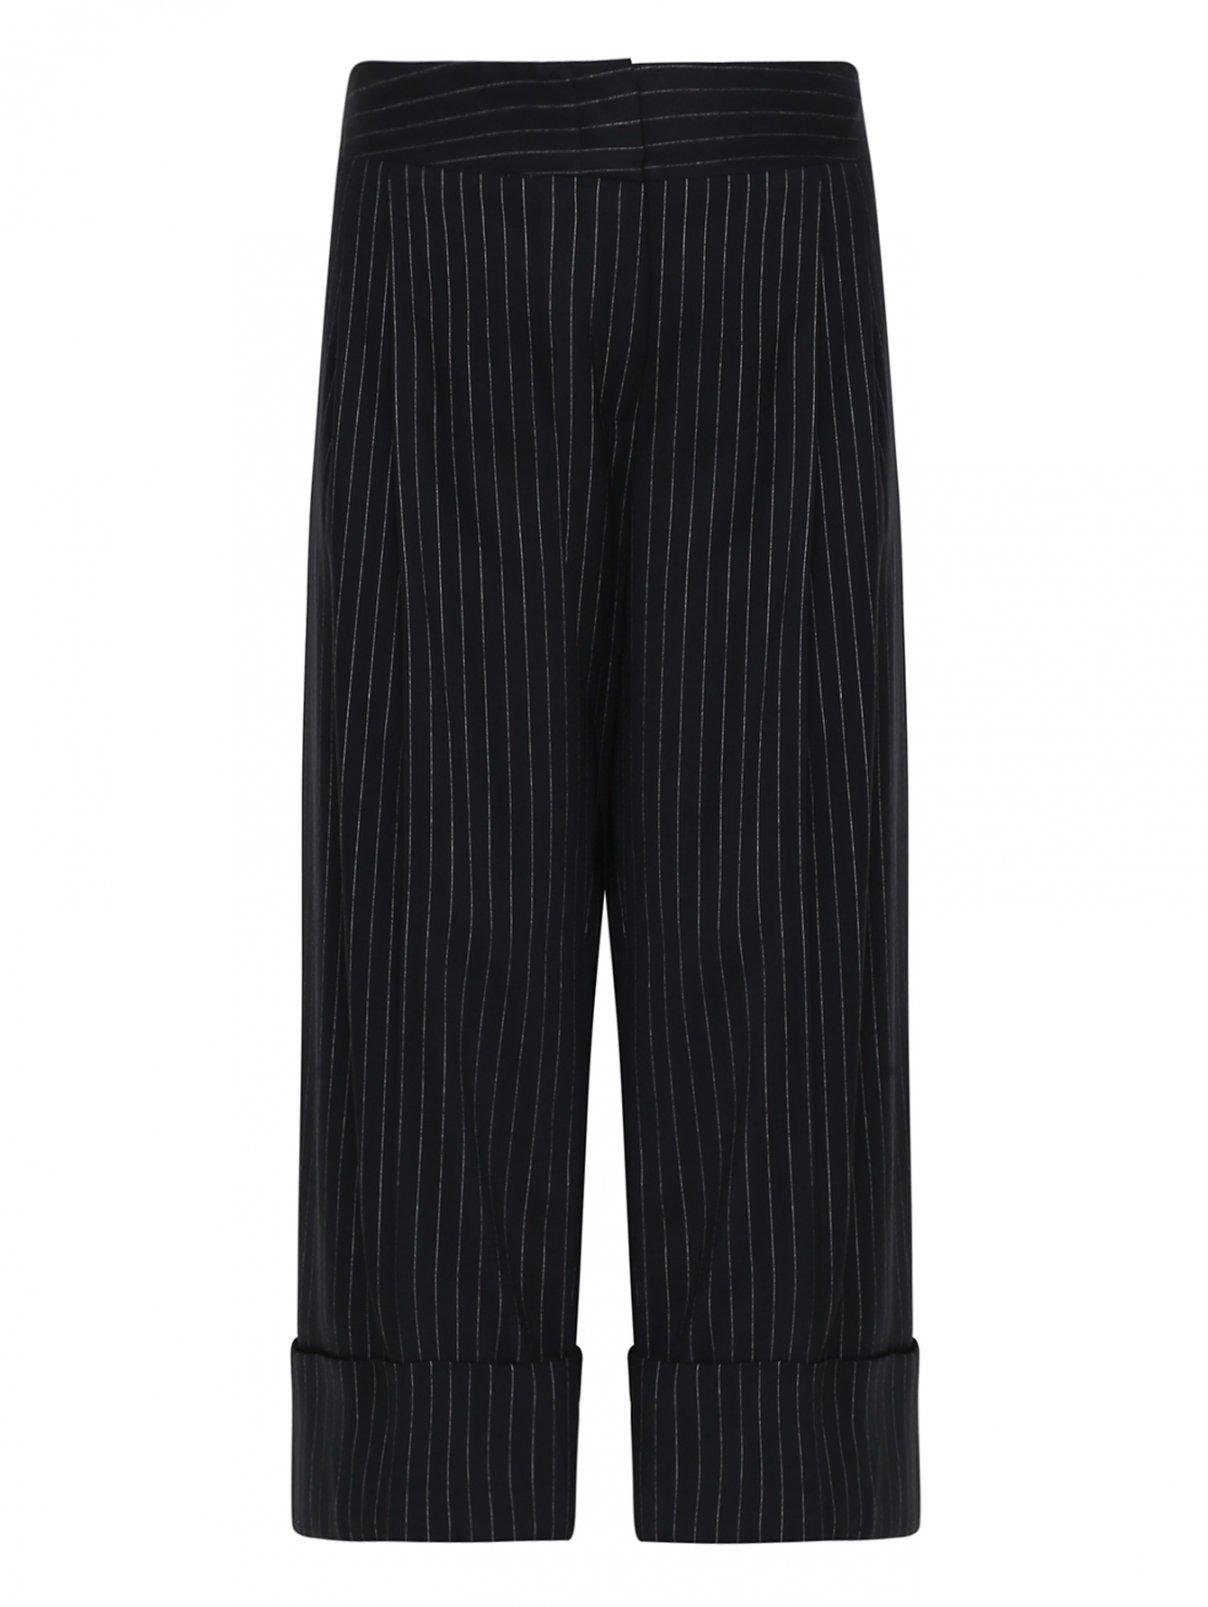 Укороченные брюки из шерсти с узором полоска Antonio Marras  –  Общий вид